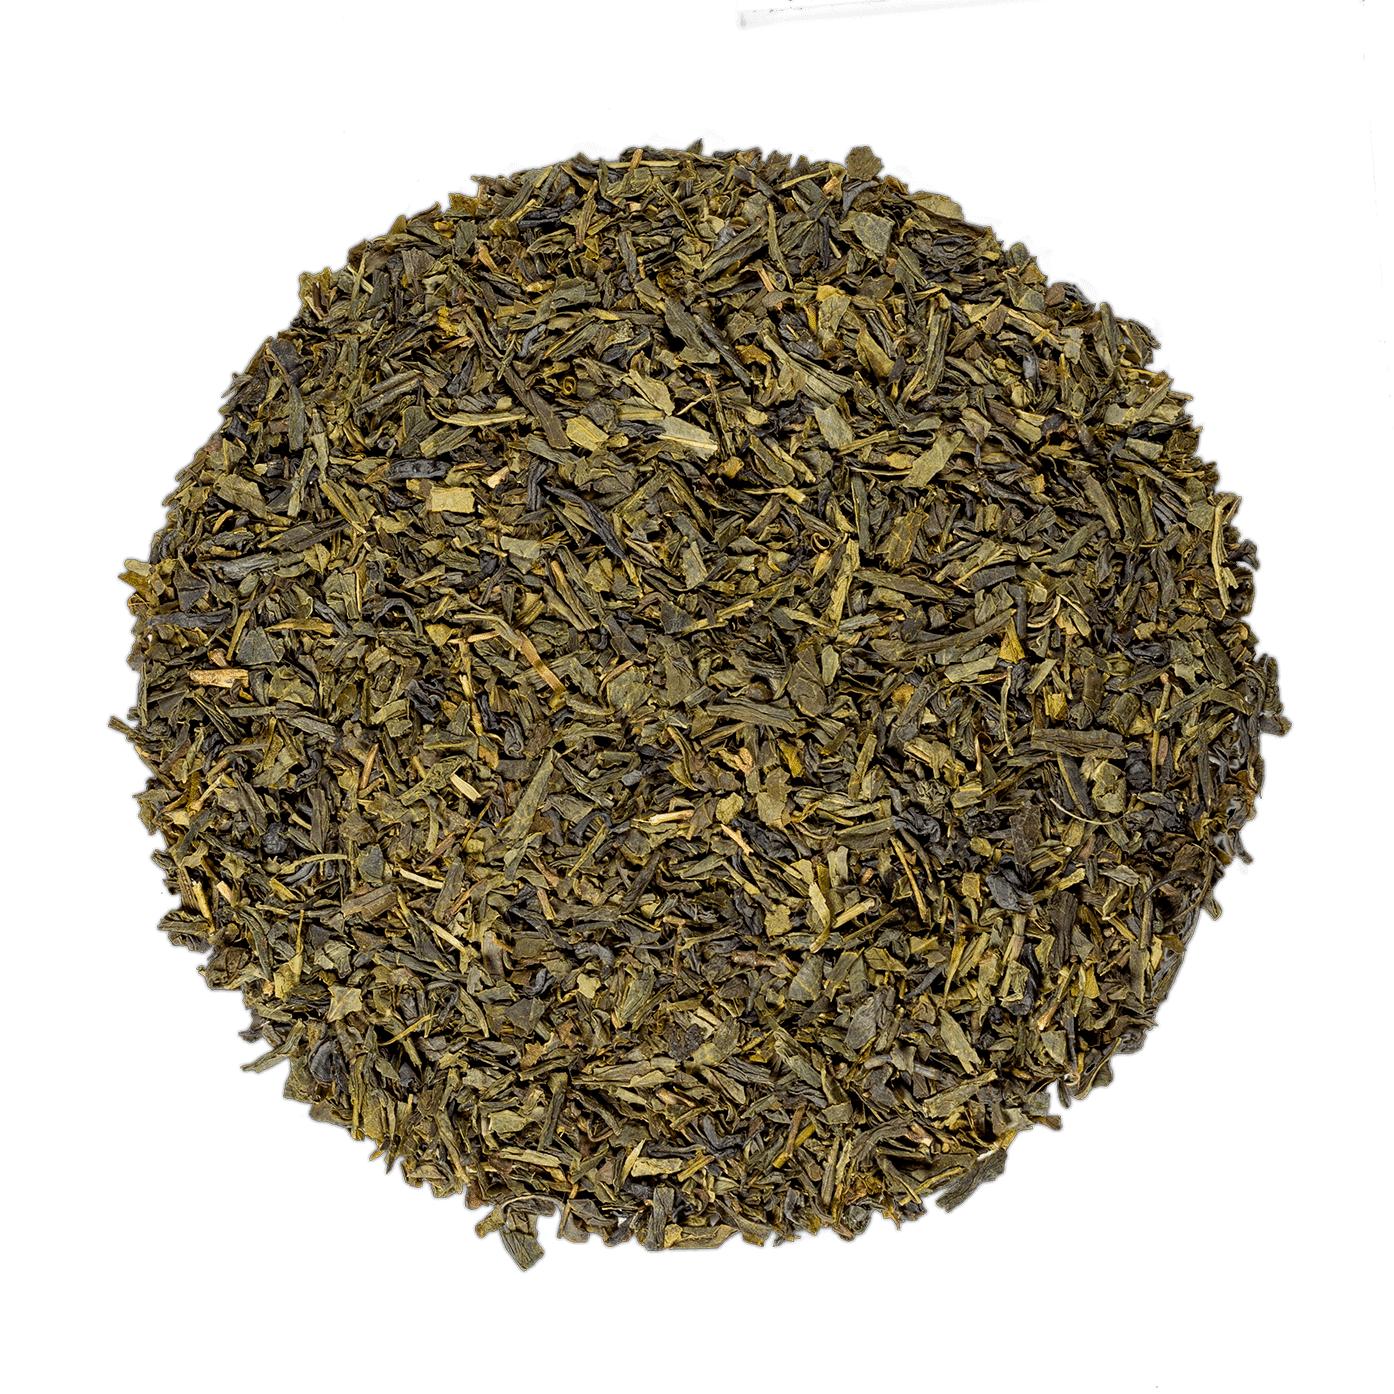 KUSMI TEA Vert Sencha bio - Thé vert grillé du Japon - Thé en vrac - Kusmi Tea